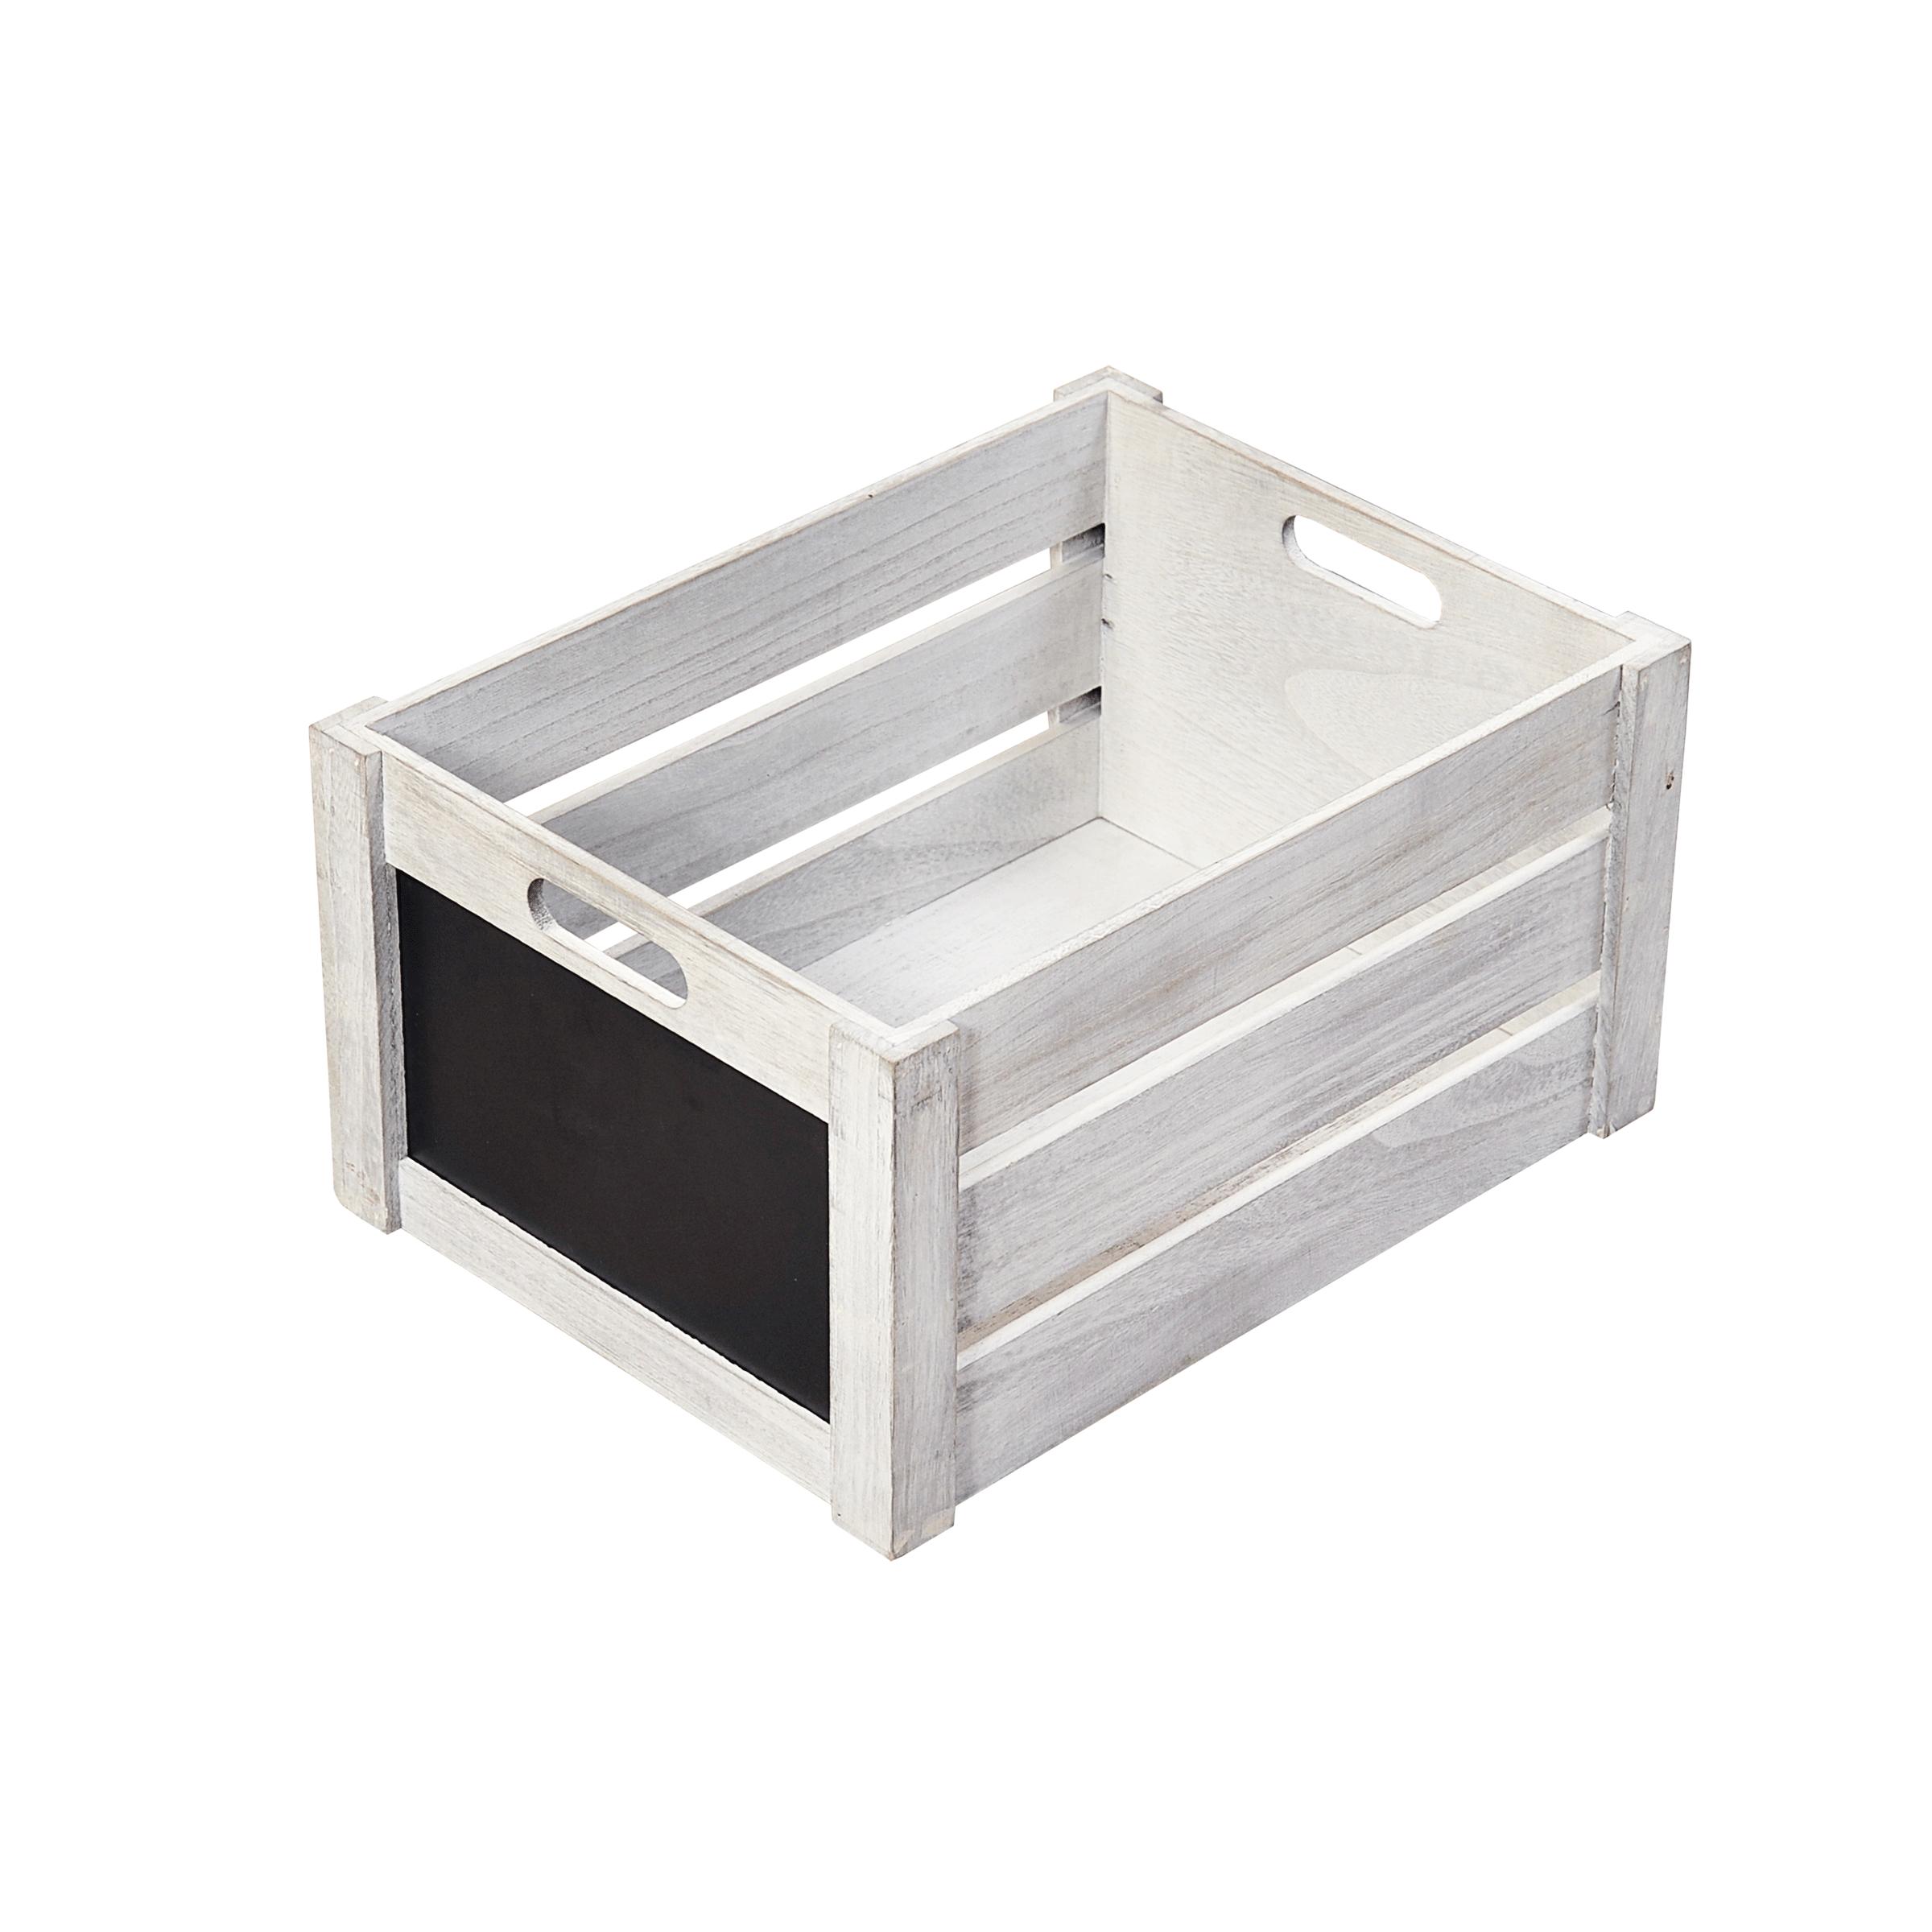 Caisse de rangement en bois gris patiné avec ardoise en façade